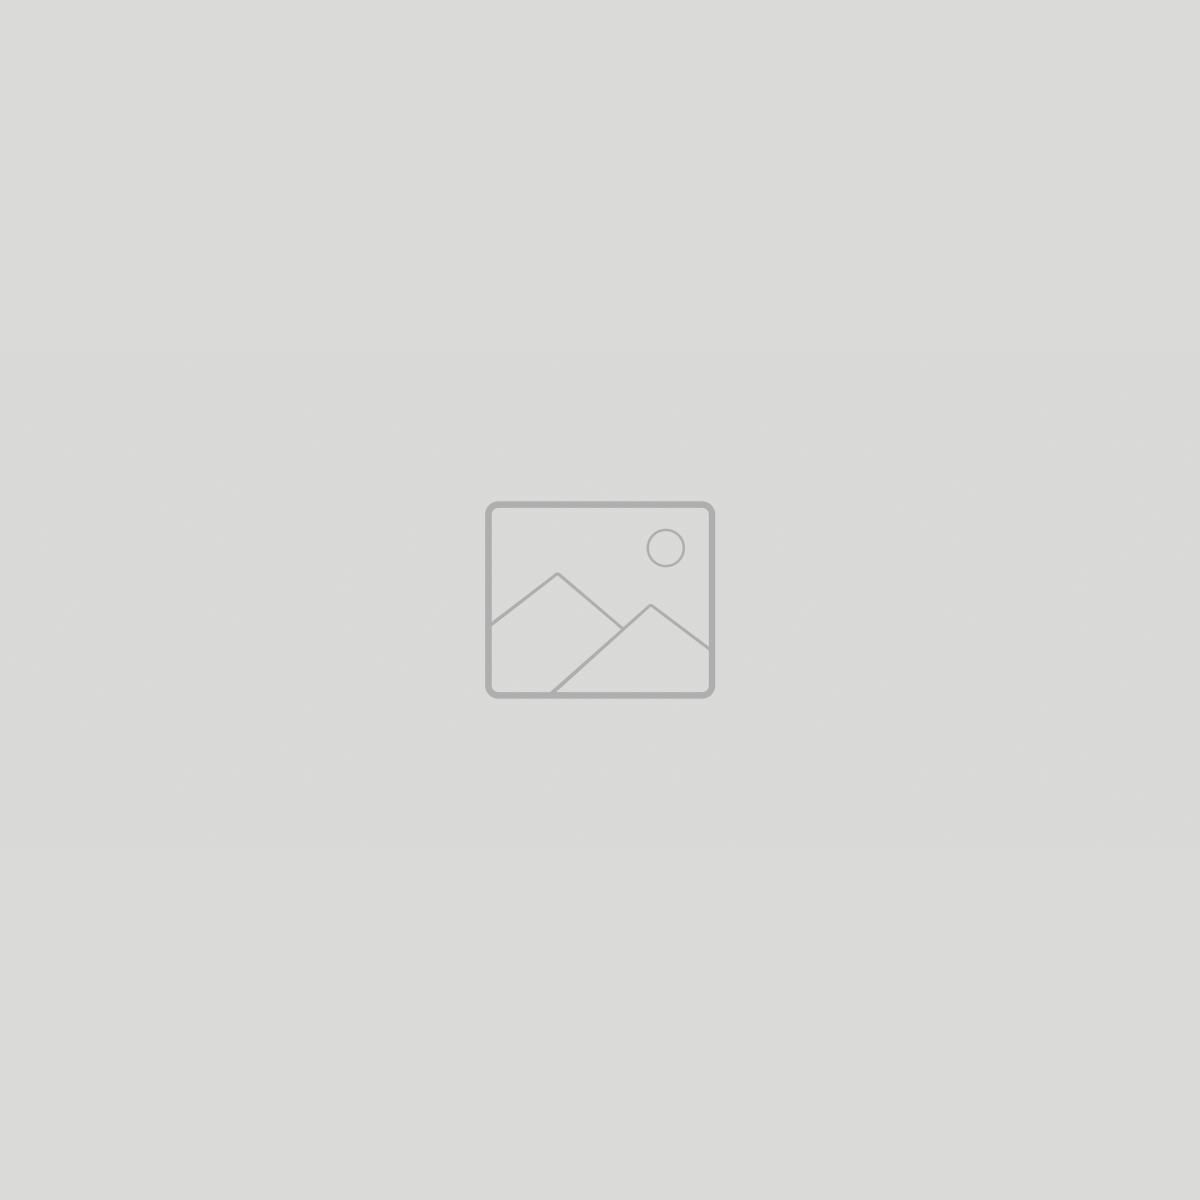 لصقة حماية الشاشة كاملة 5D أبيض سامسونج J710